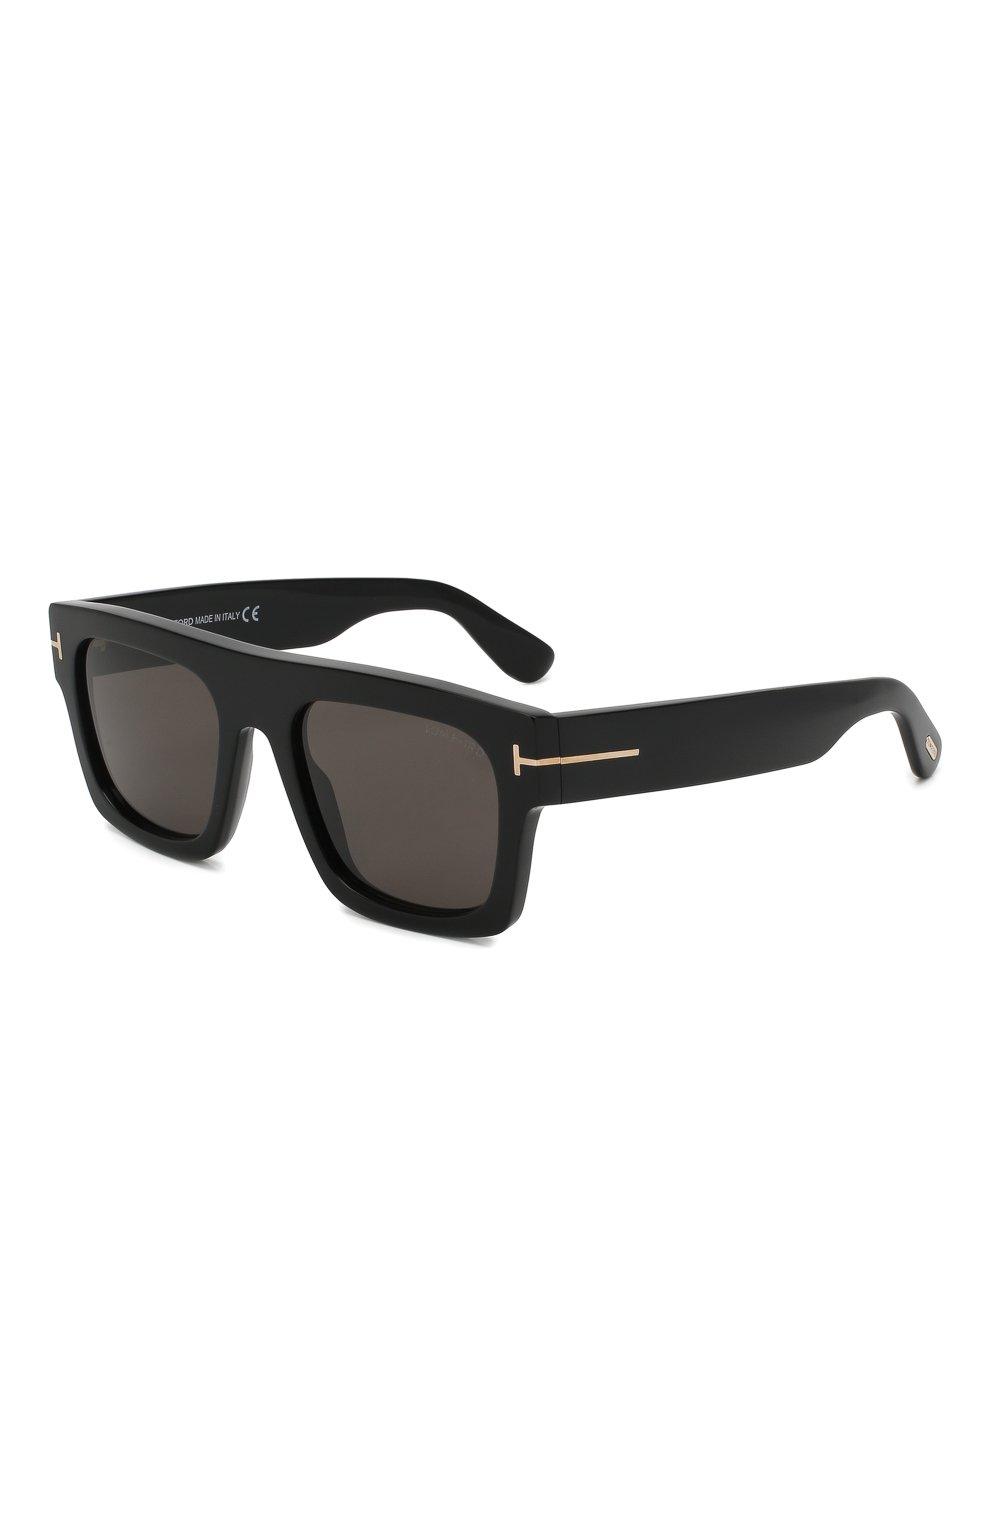 Женские солнцезащитные очки TOM FORD черного цвета, арт. TF711 01A   Фото 1